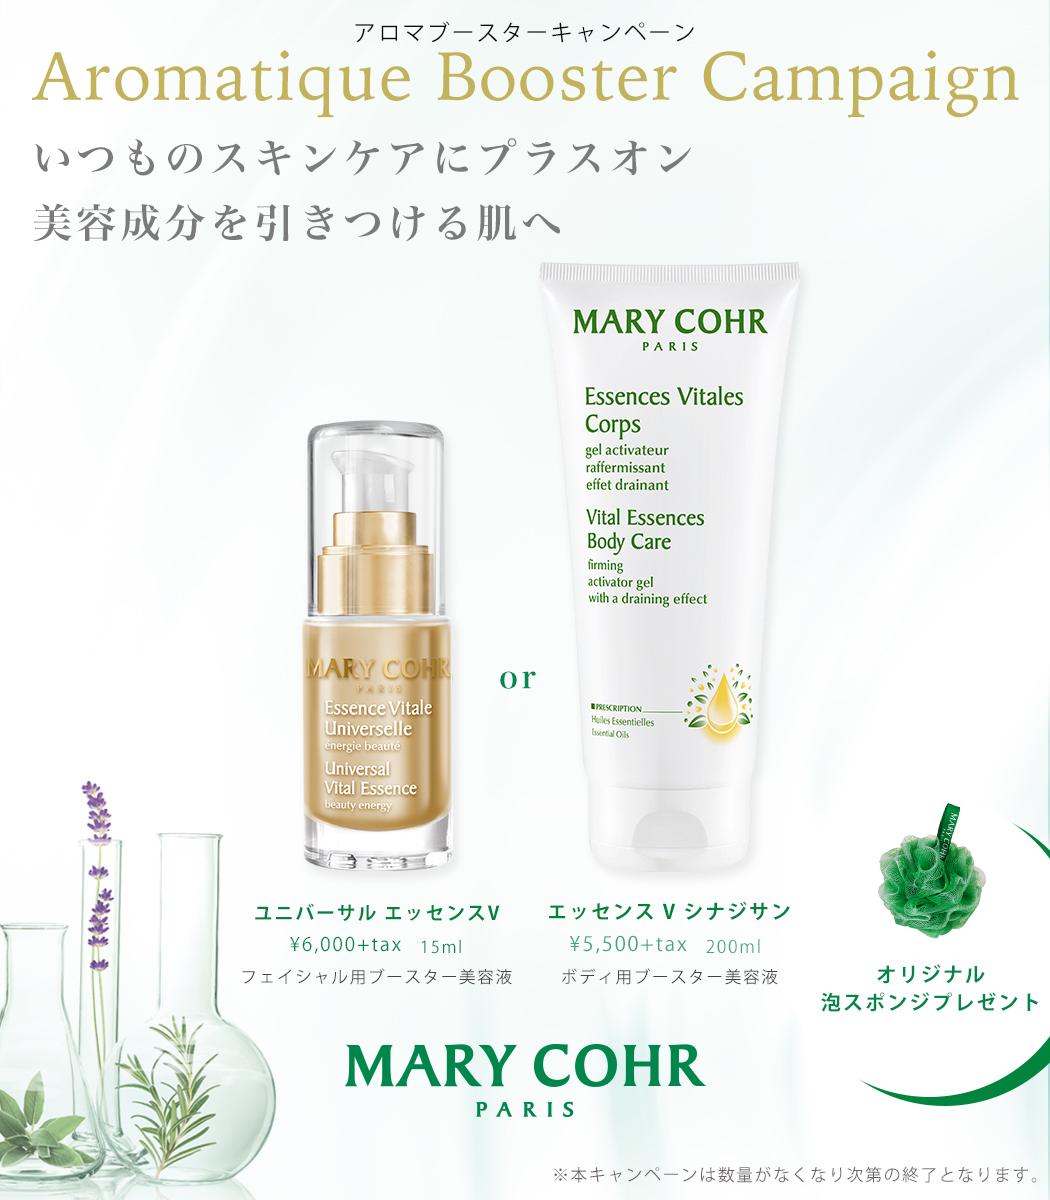 MARY COHR CP SPバナー